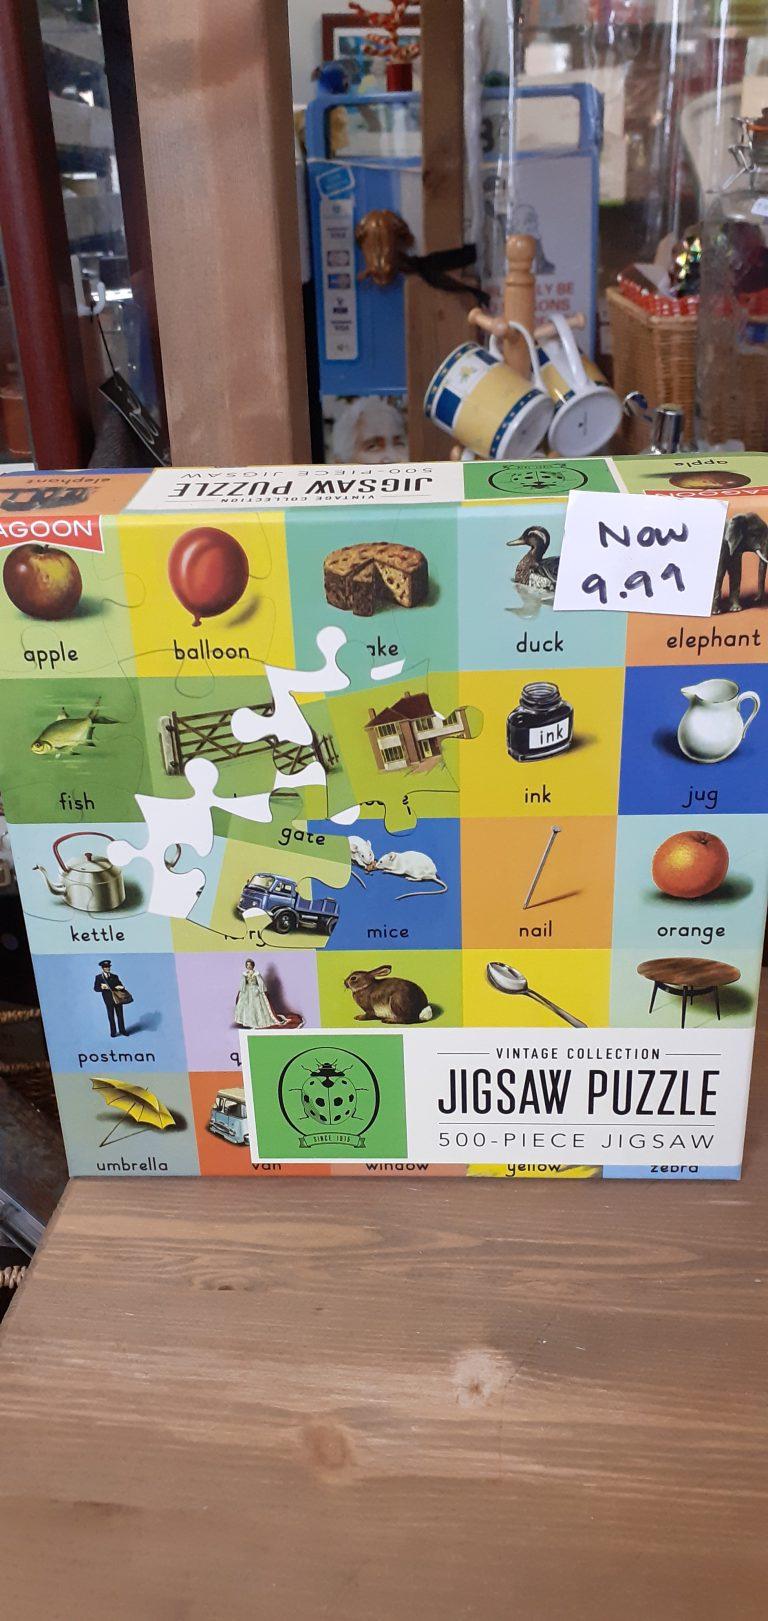 Jigsaws available